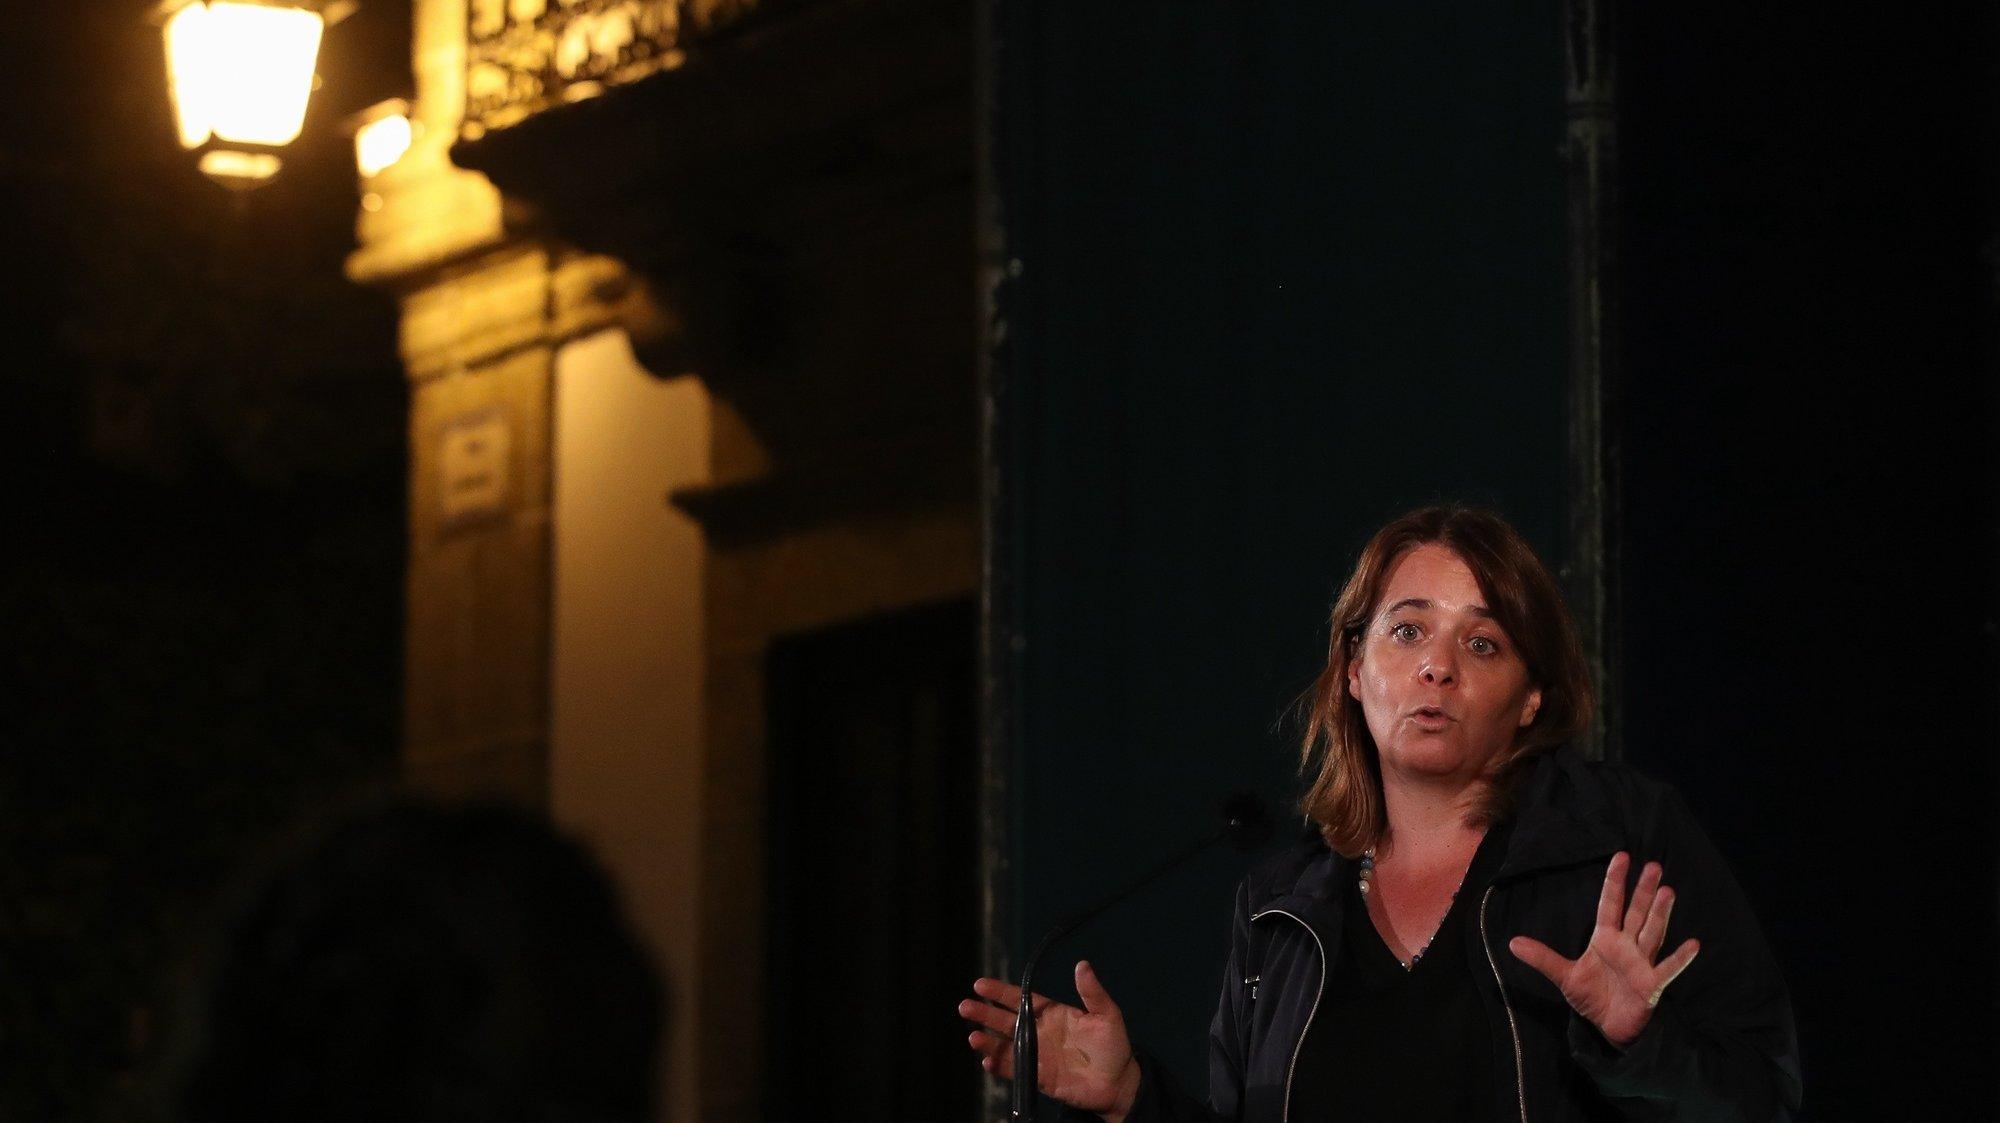 A coordenadora do Bloco de Esquerda, Catarina Martins, durante a intervenção no comício de verão do BE, com os candidatos às Assembleias Municipais de Mortágua, Carregal do Sal e Santa Comba Dão, em Santa Comba Dão, 25 de agosto de 2021. PAULO NOVAIS/LUSA